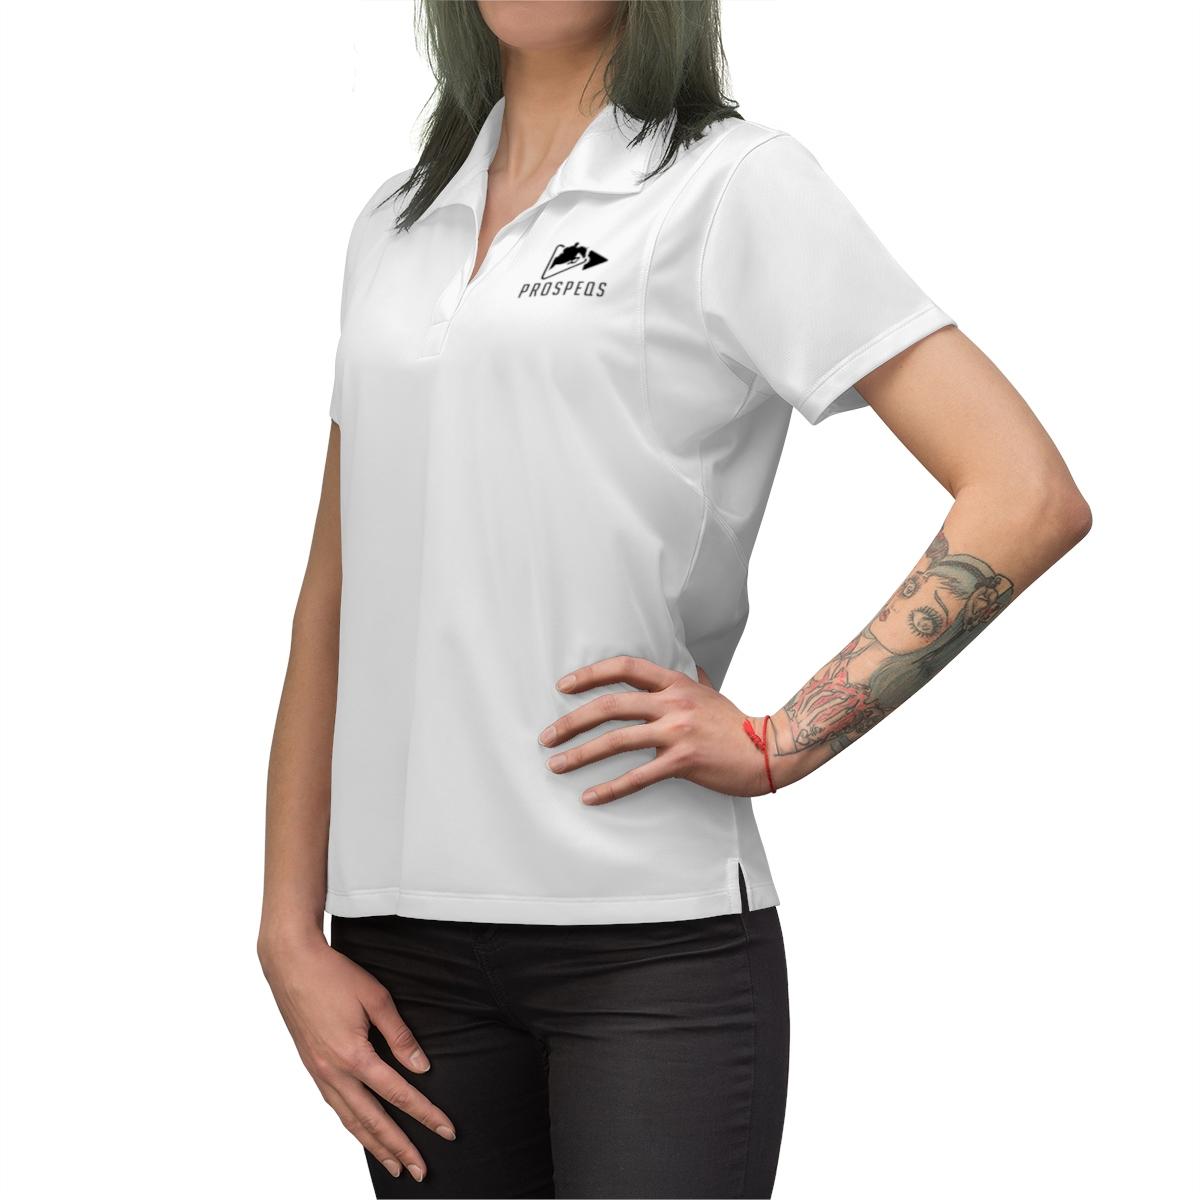 Prospeqs Women's Polo Shirt